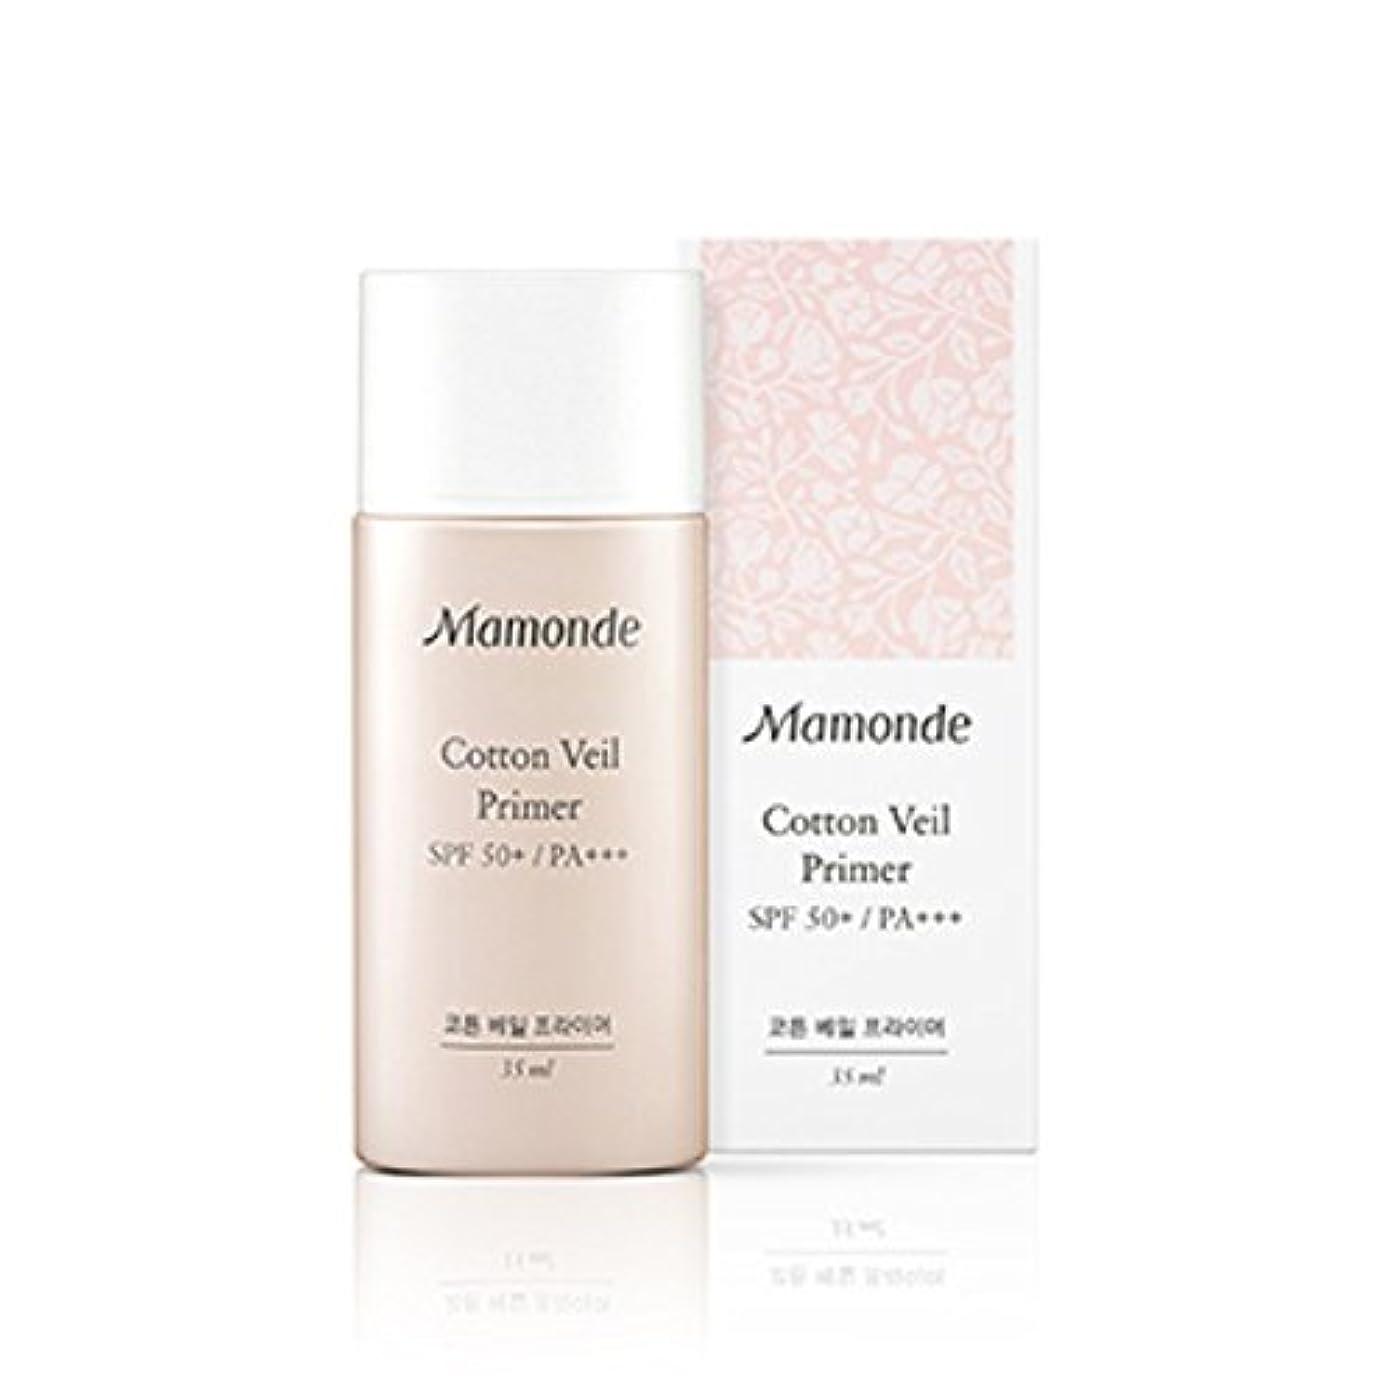 スクワイアペルソナ雰囲気[New] Mamonde Cotton Veil Primer (SPF50+ PA+++) 35ml/マモンド コットン ベール プライマー (SPF50+ PA+++) 35ml (#2 Beige Rose) [...